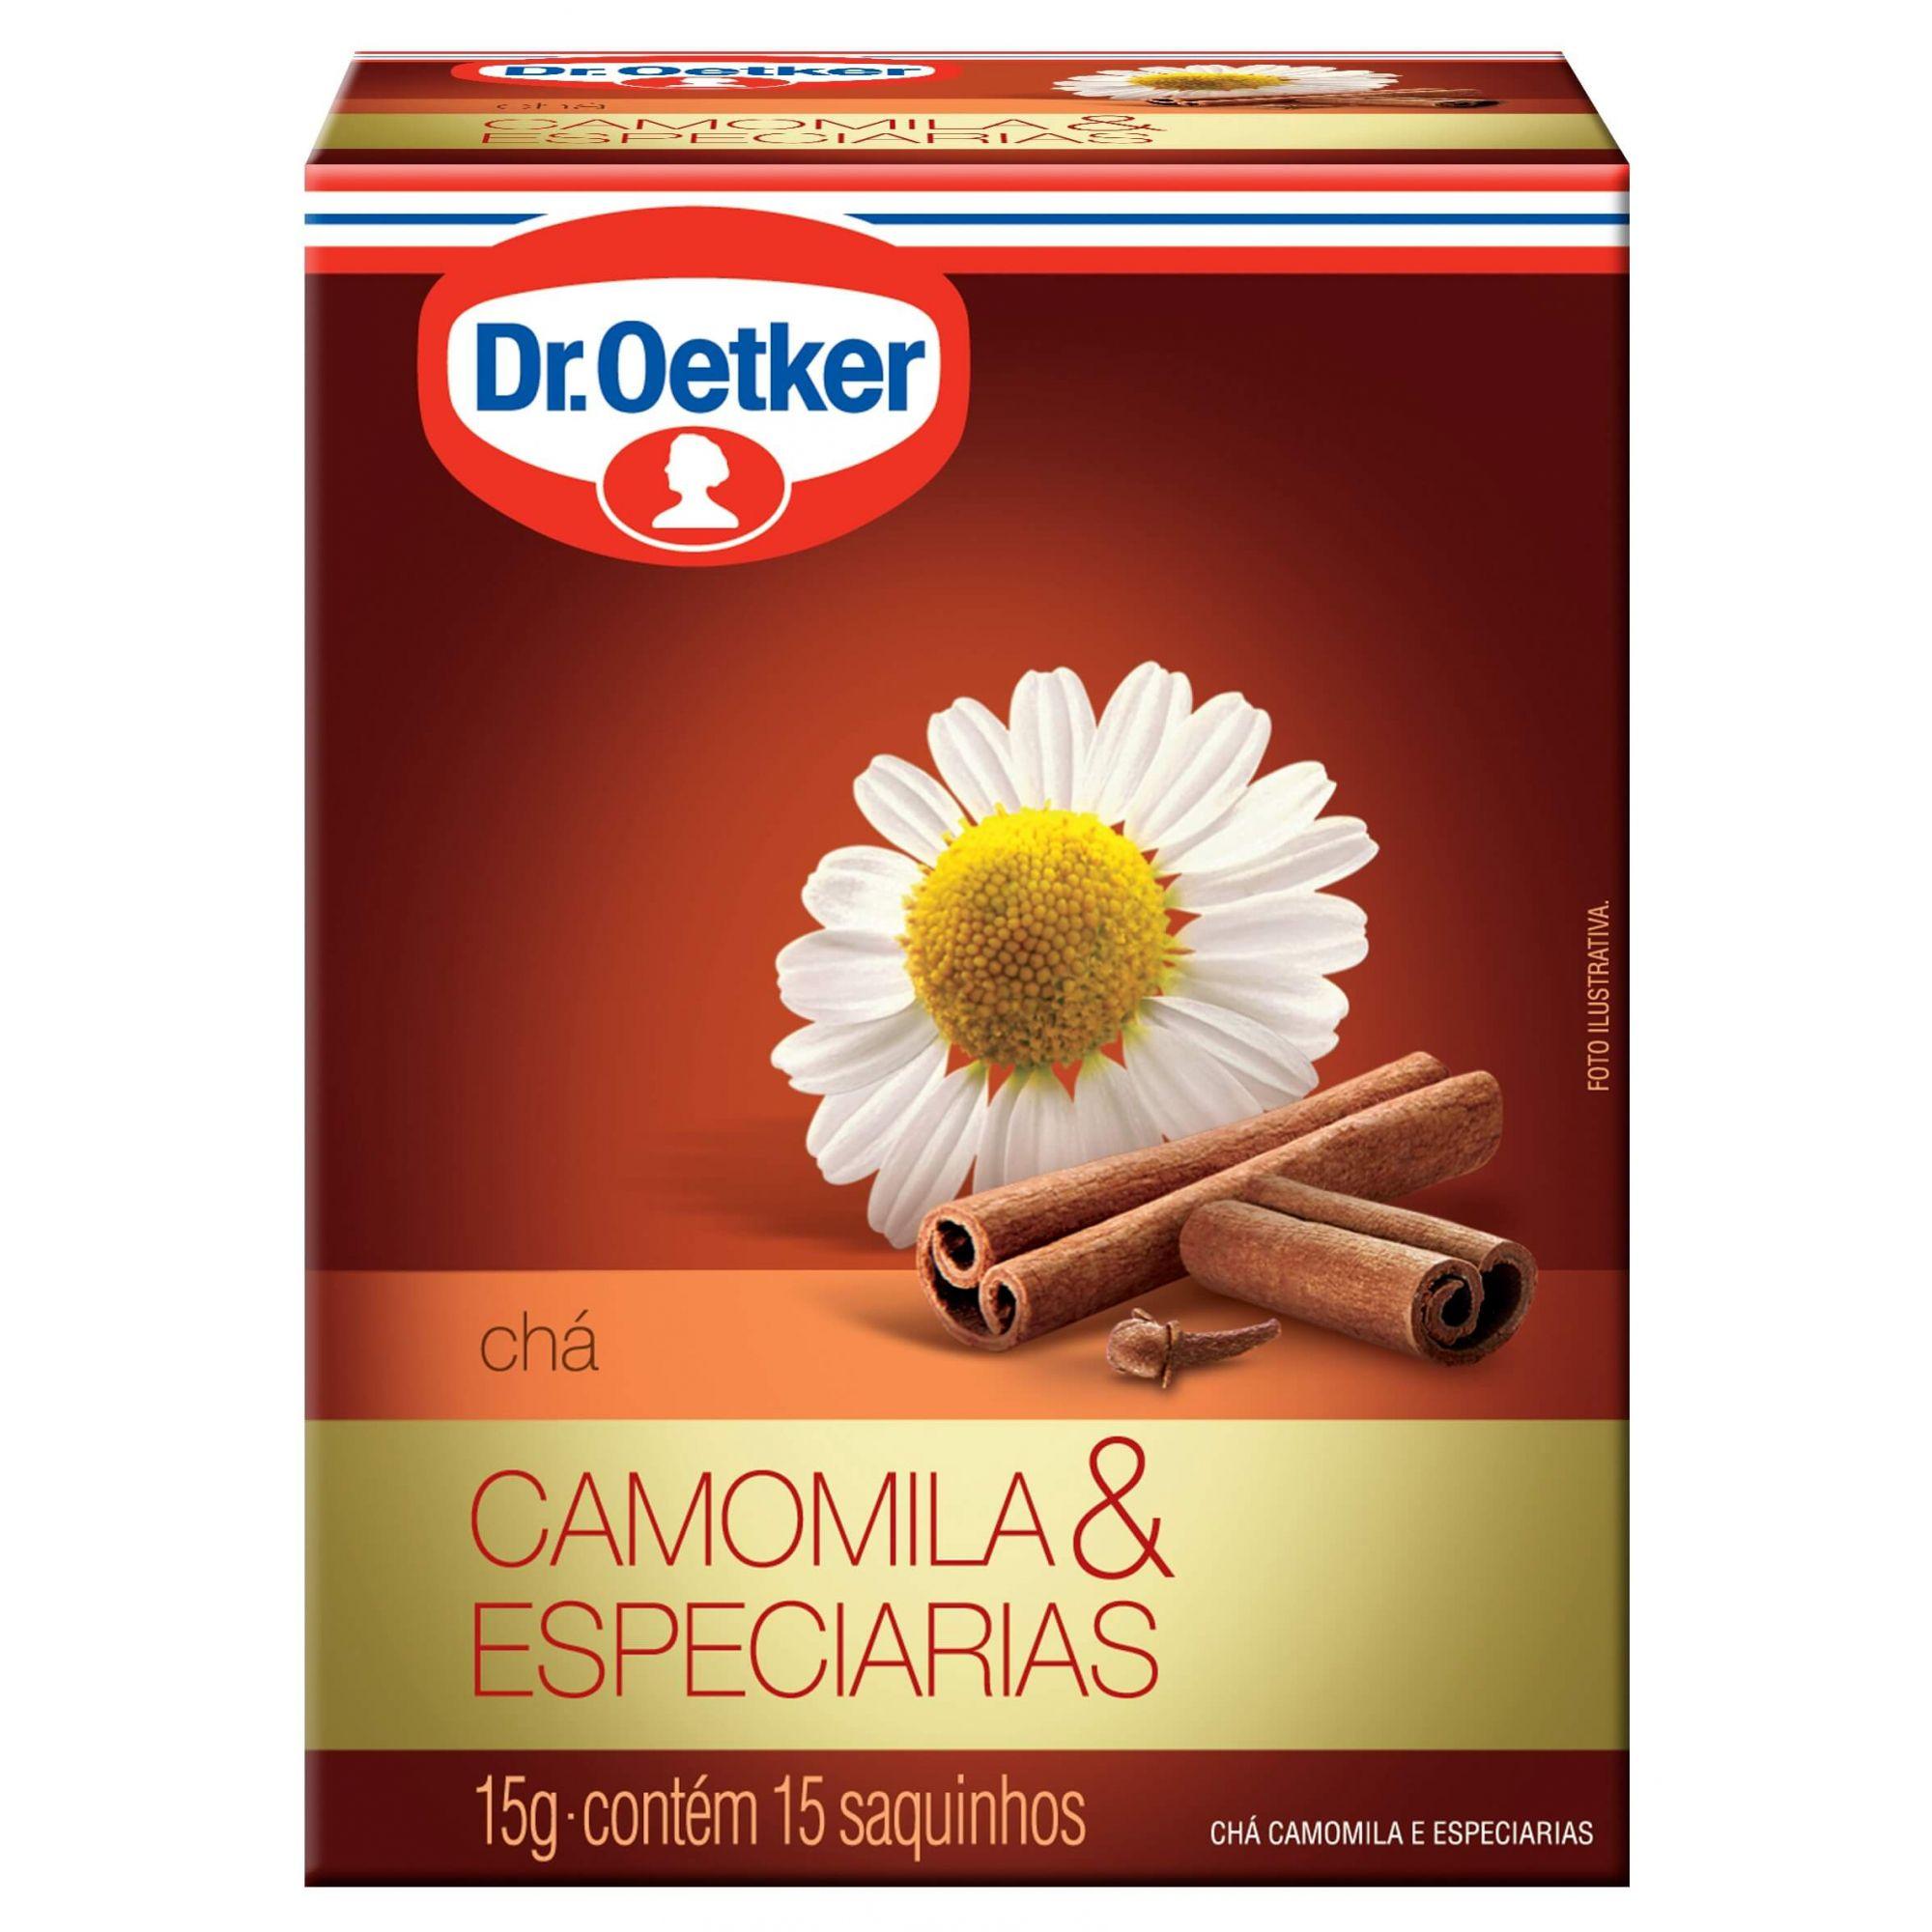 CHÁ DE CAMOMILA COM ESPECIARIAS - DR. OETKER -  KIT COM 2 CAIXAS